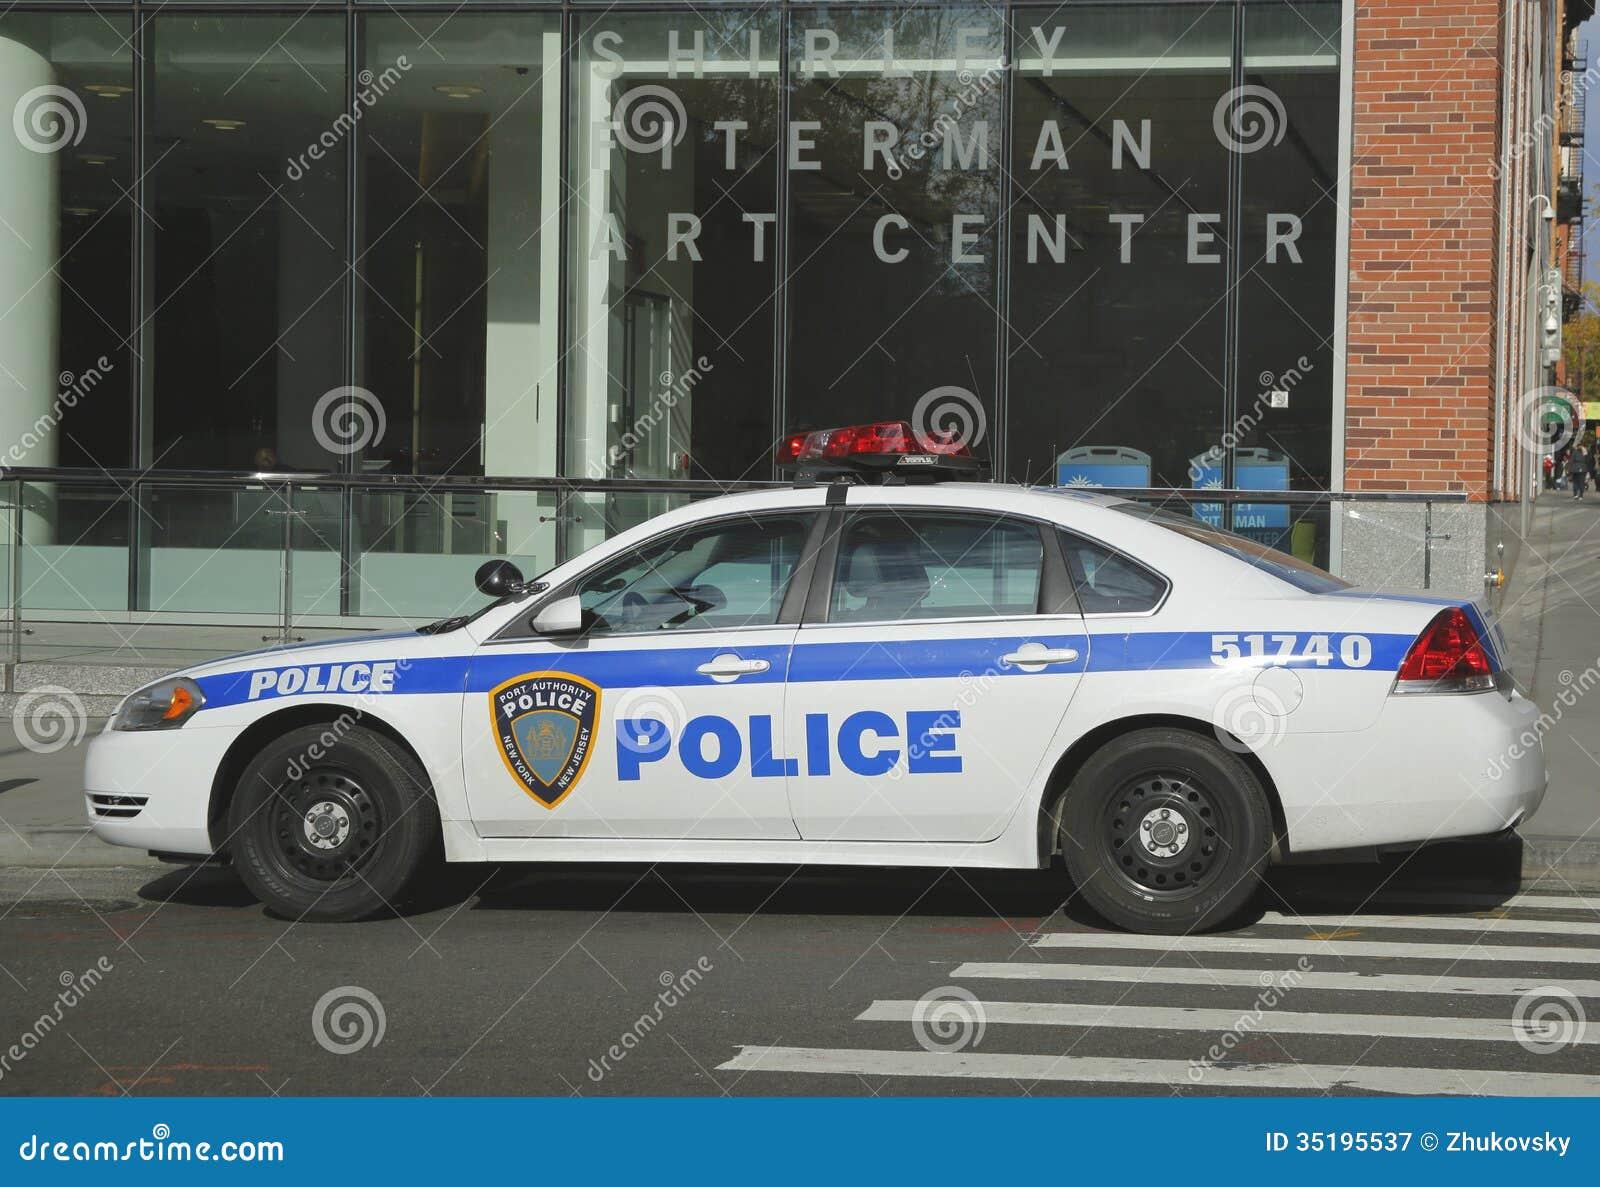 Zarząd Portu Nowy Jork Nowy - dżersejowy samochód providing ochronę w world trade center terenie